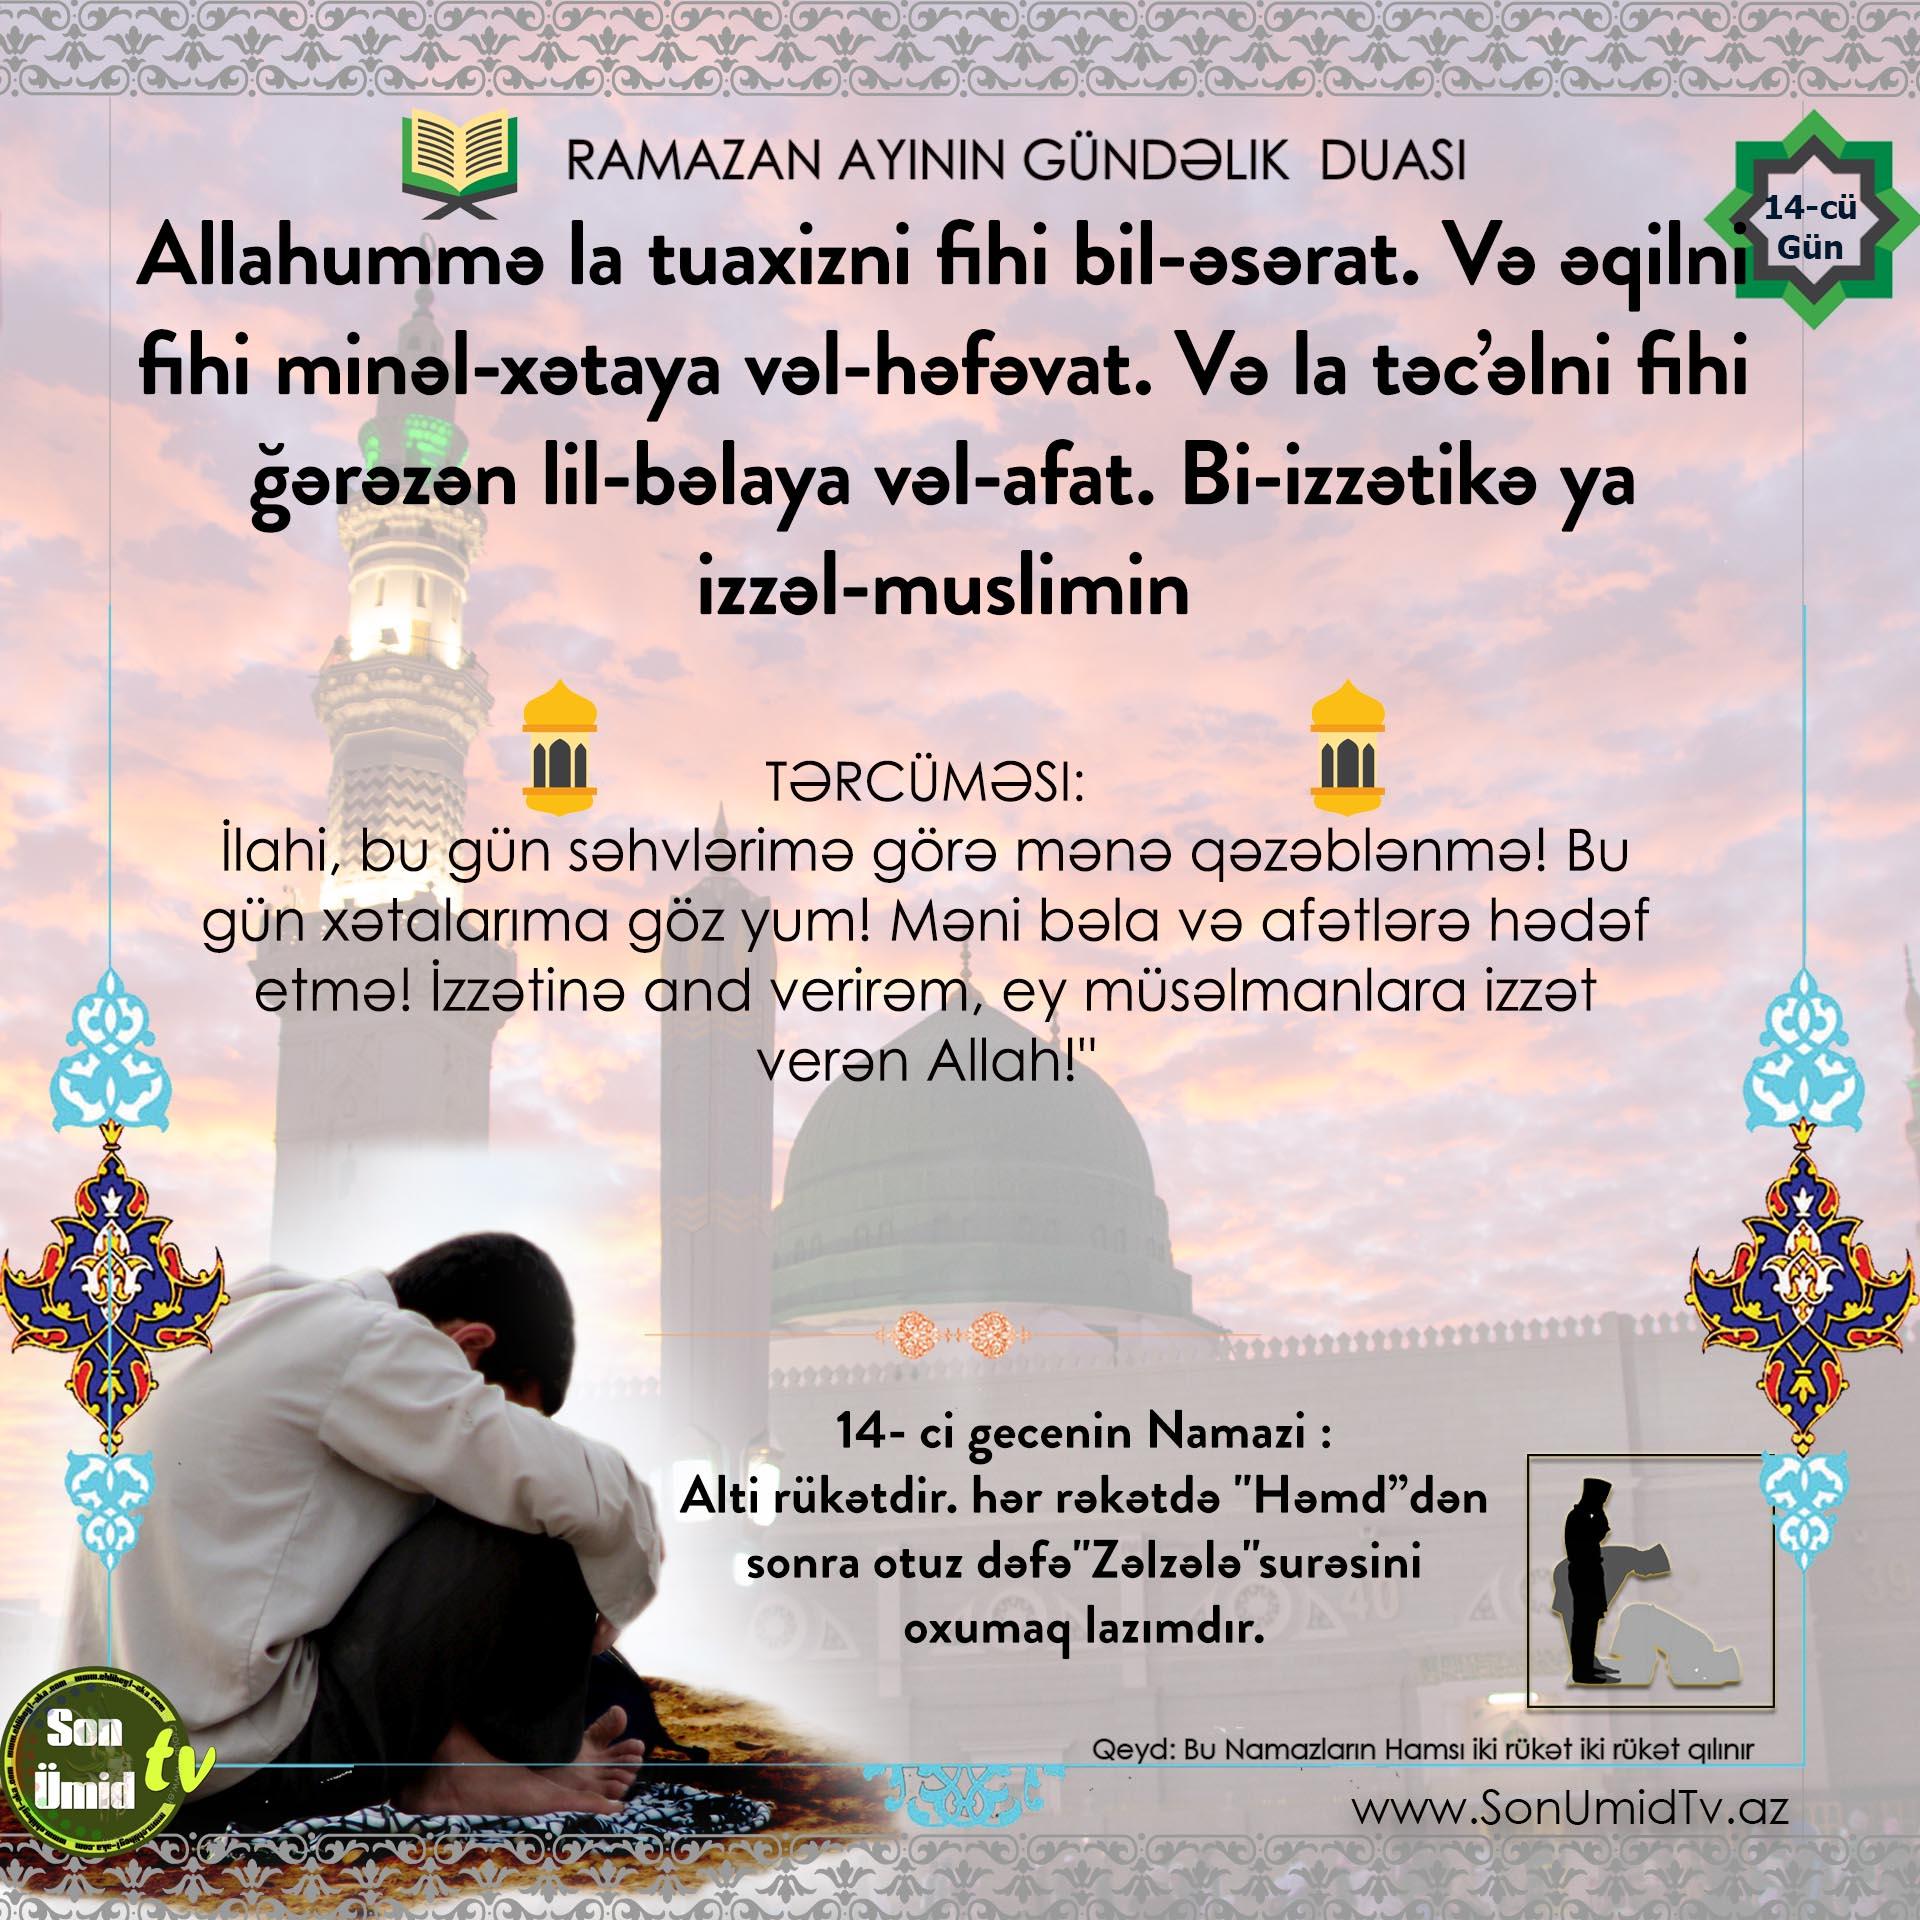 Ramazan  14-cu gününün duası və Namazı